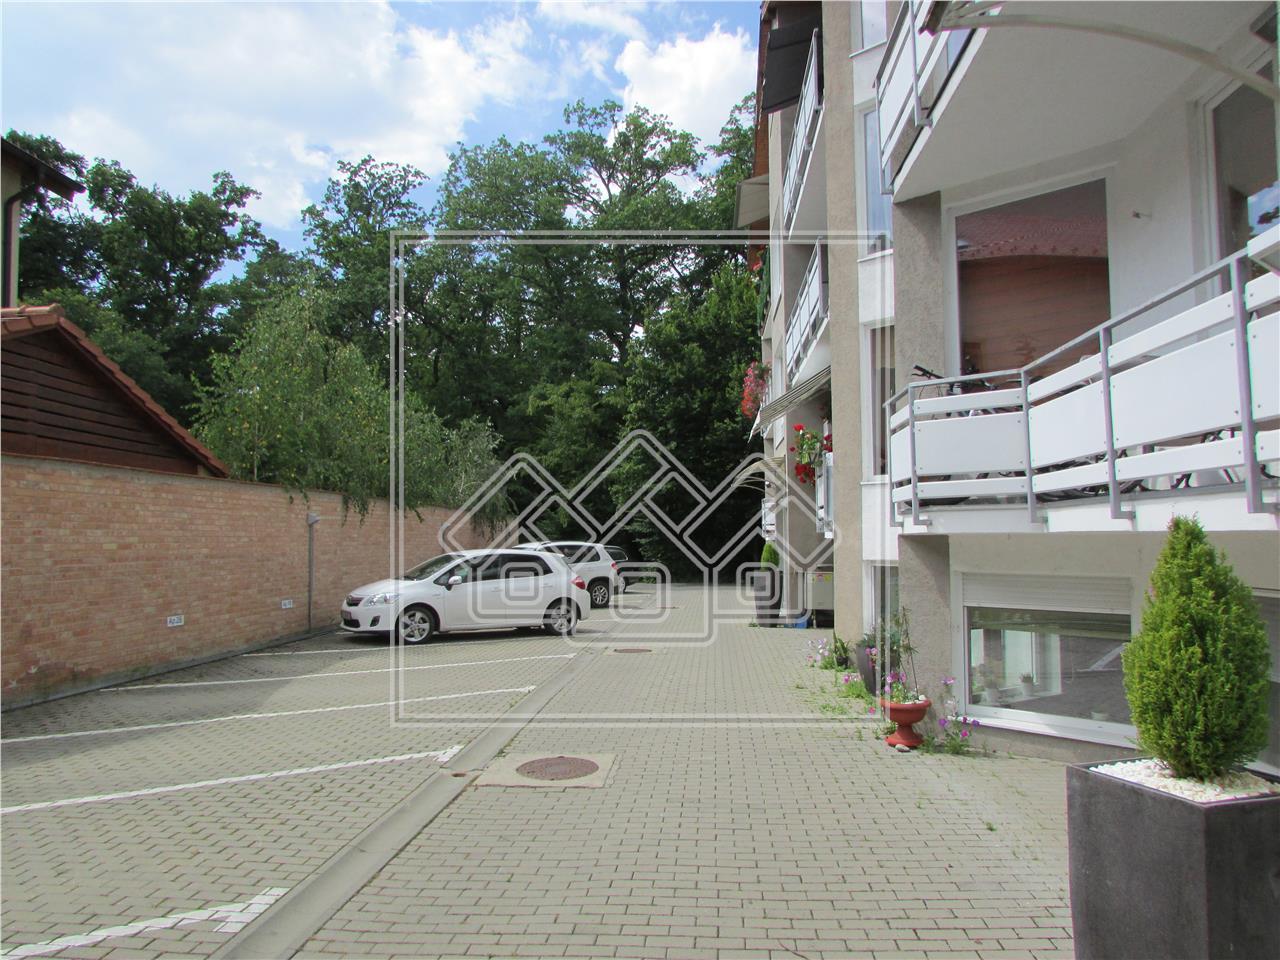 Apartament de inchiriat in Sibiu - Padurea Dumbrava -zona premium